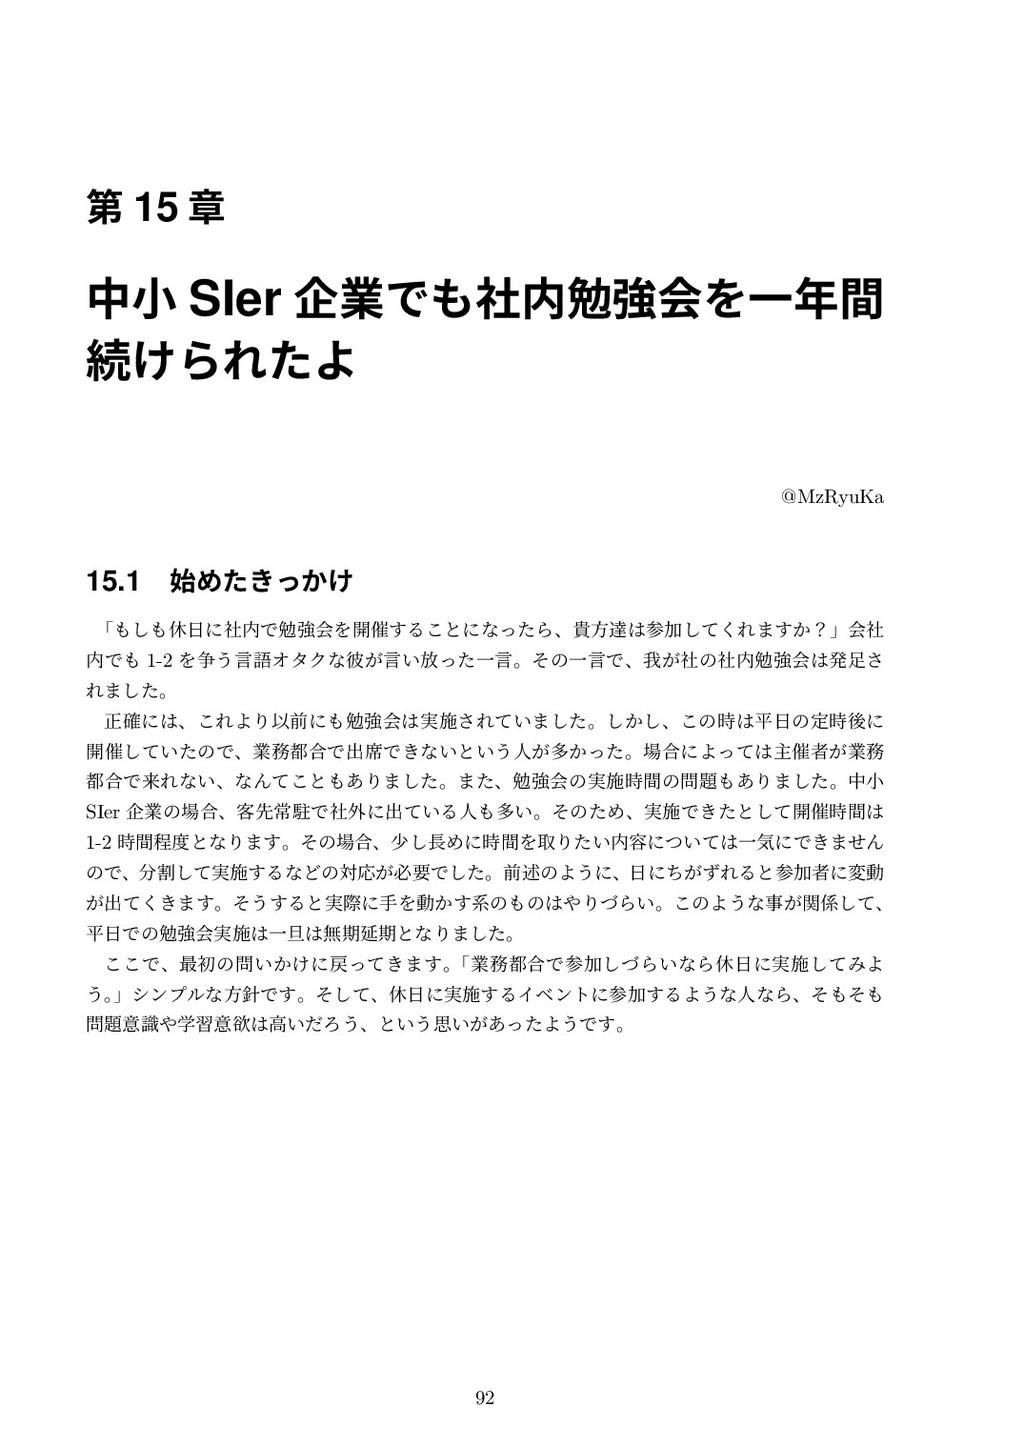 第 15 章 中⼩ SIer 企業でも社内勉強会を⼀年間 続けられたよ @MzRyuKa 15...